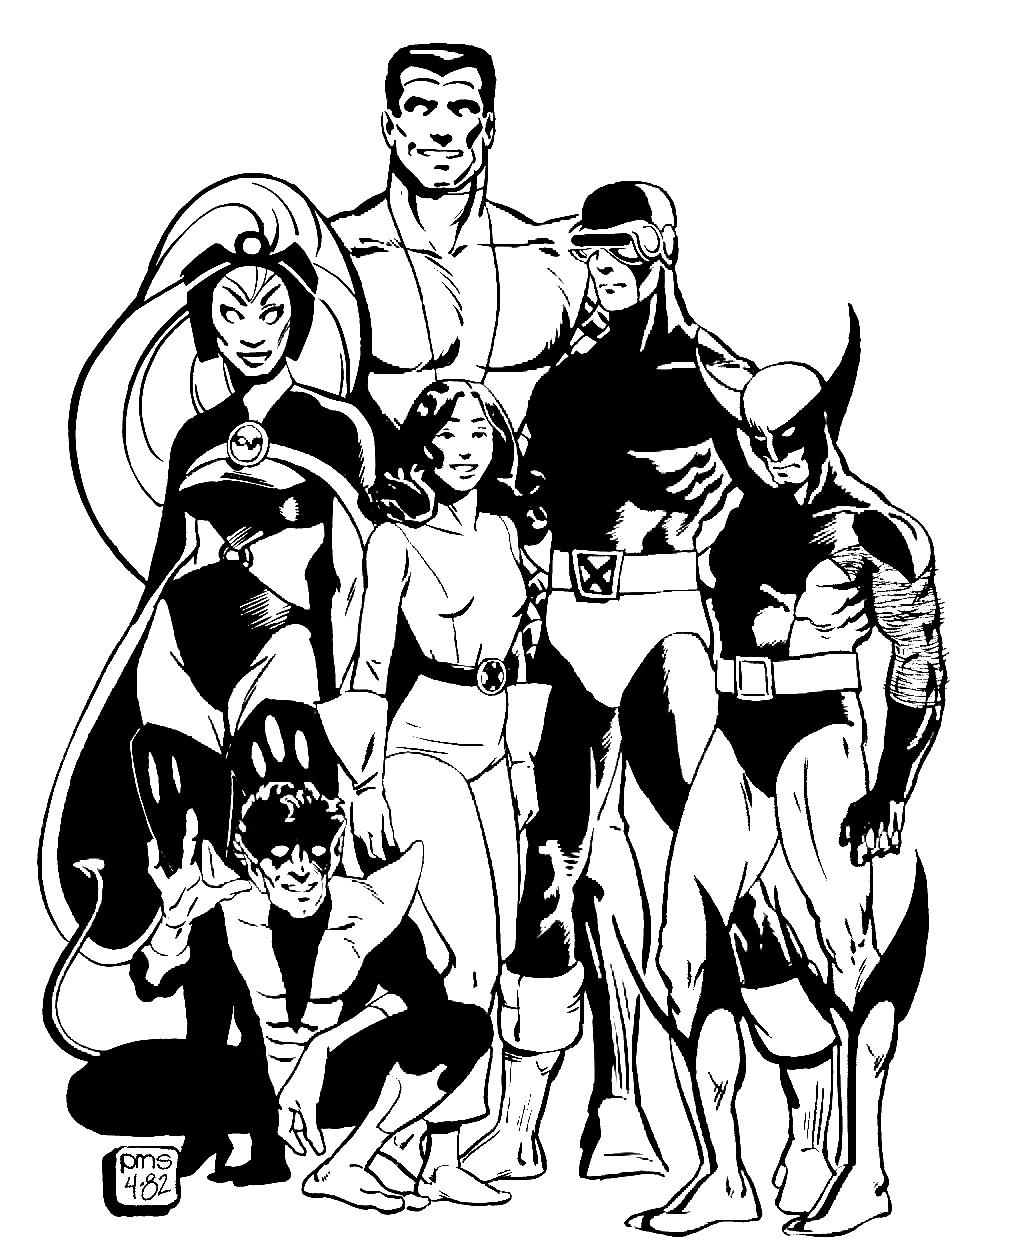 X Men By Paul Smith Superhero Coloring Pages X Men Comic Books Art